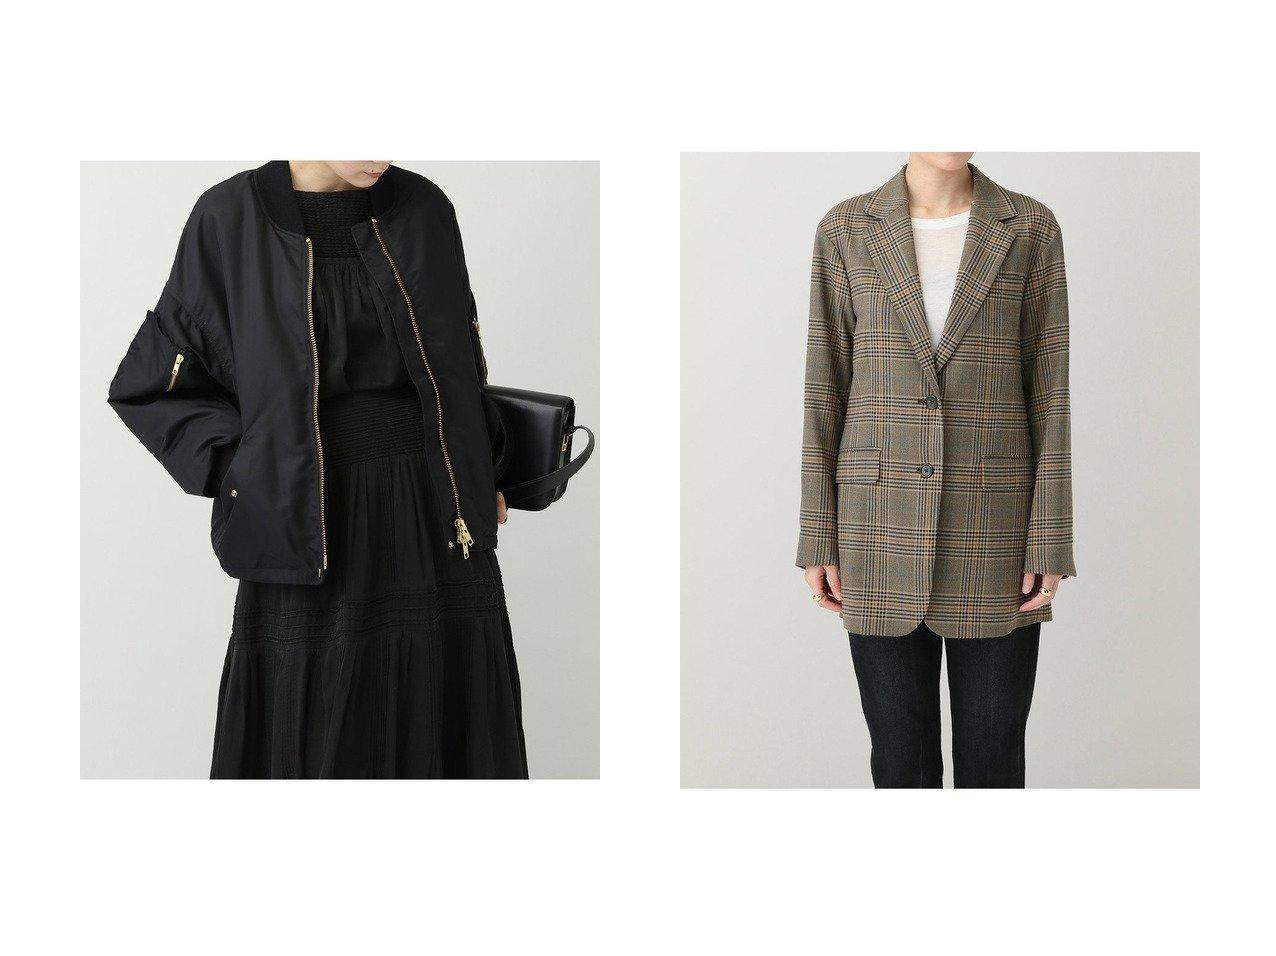 【Curensology/カレンソロジー】の【&RC】MA-1ブルゾン&【C.S.G】オーバーサイズチェックジャケット 【アウター】おすすめ!人気、トレンド・レディースファッションの通販 おすすめで人気の流行・トレンド、ファッションの通販商品 インテリア・家具・メンズファッション・キッズファッション・レディースファッション・服の通販 founy(ファニー) https://founy.com/ ファッション Fashion レディースファッション WOMEN アウター Coat Outerwear ジャケット Jackets ブルゾン Blouson/Jackets MA-1 MA-1 2020年 2020 2020-2021秋冬・A/W AW・Autumn/Winter・FW・Fall-Winter/2020-2021 2021年 2021 2021-2022秋冬・A/W AW・Autumn/Winter・FW・Fall-Winter・2021-2022 A/W・秋冬 AW・Autumn/Winter・FW・Fall-Winter おすすめ Recommend インナー ジャケット ブルゾン ベーシック ポケット ヴィンテージ 今季 軽量 イタリア ストレート セットアップ チェック デニム |ID:crp329100000059741